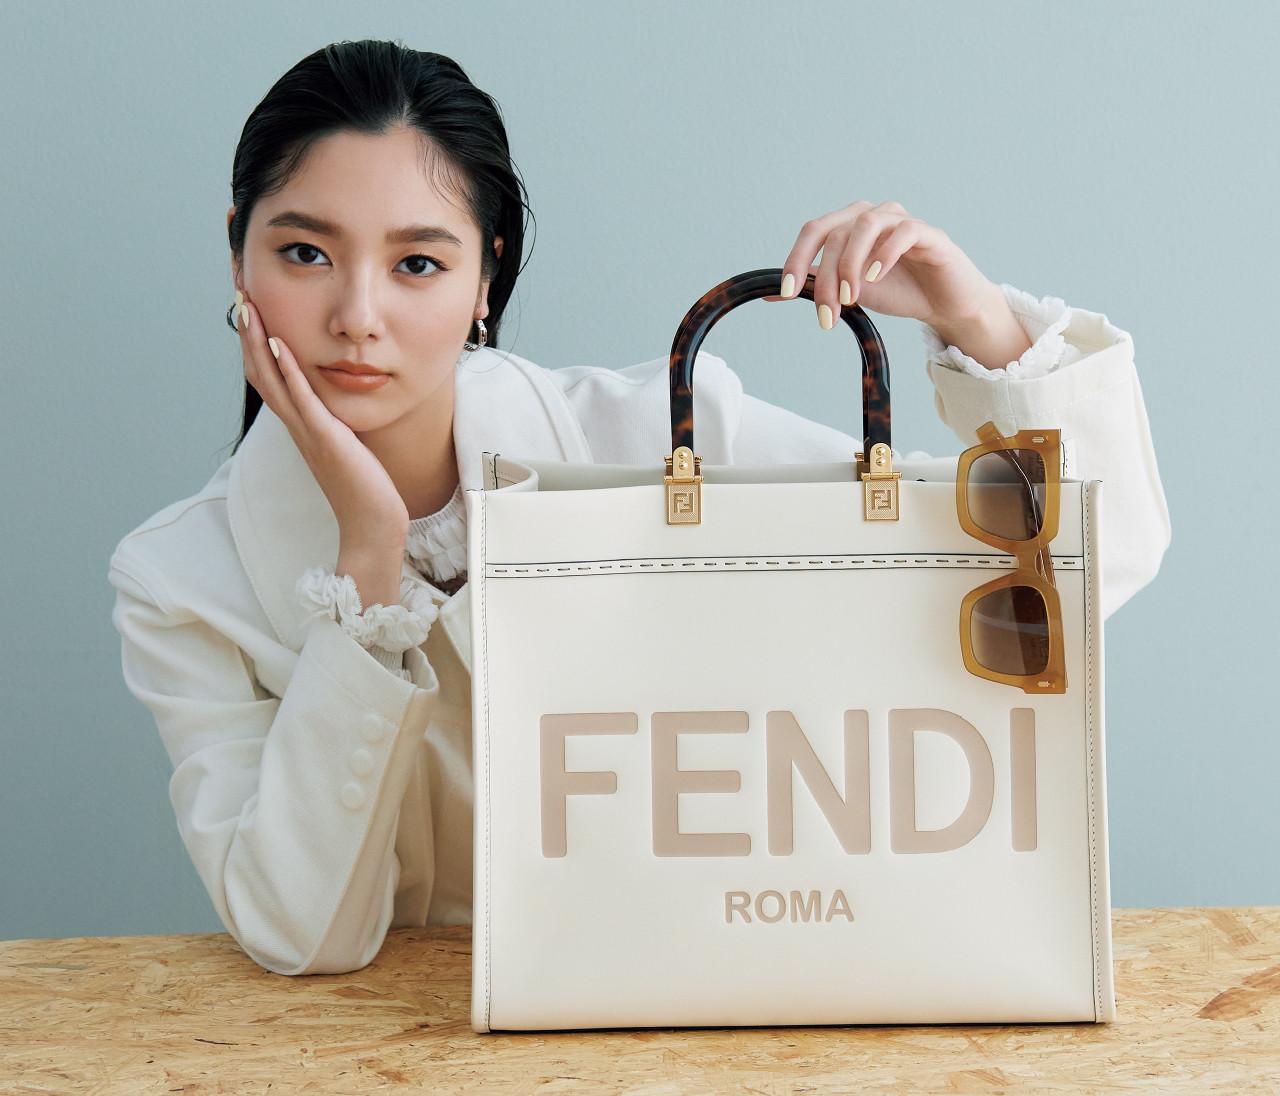 【フェンディ】ロゴが効いたトートバッグ&ミニ財布の最新をチェック!